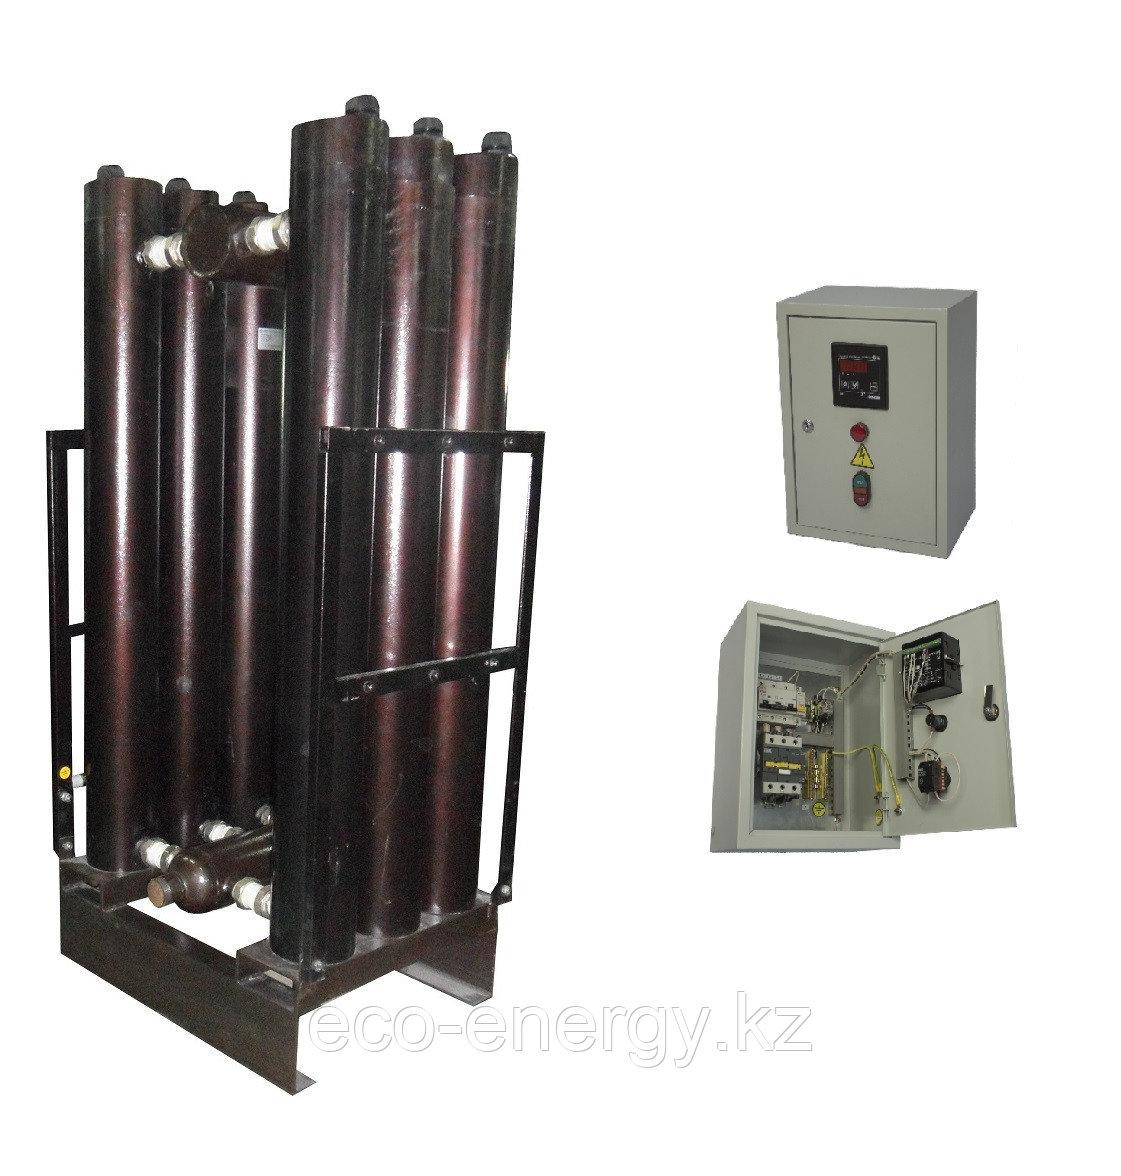 Индукционный котел ВИН 150 кВт 380В